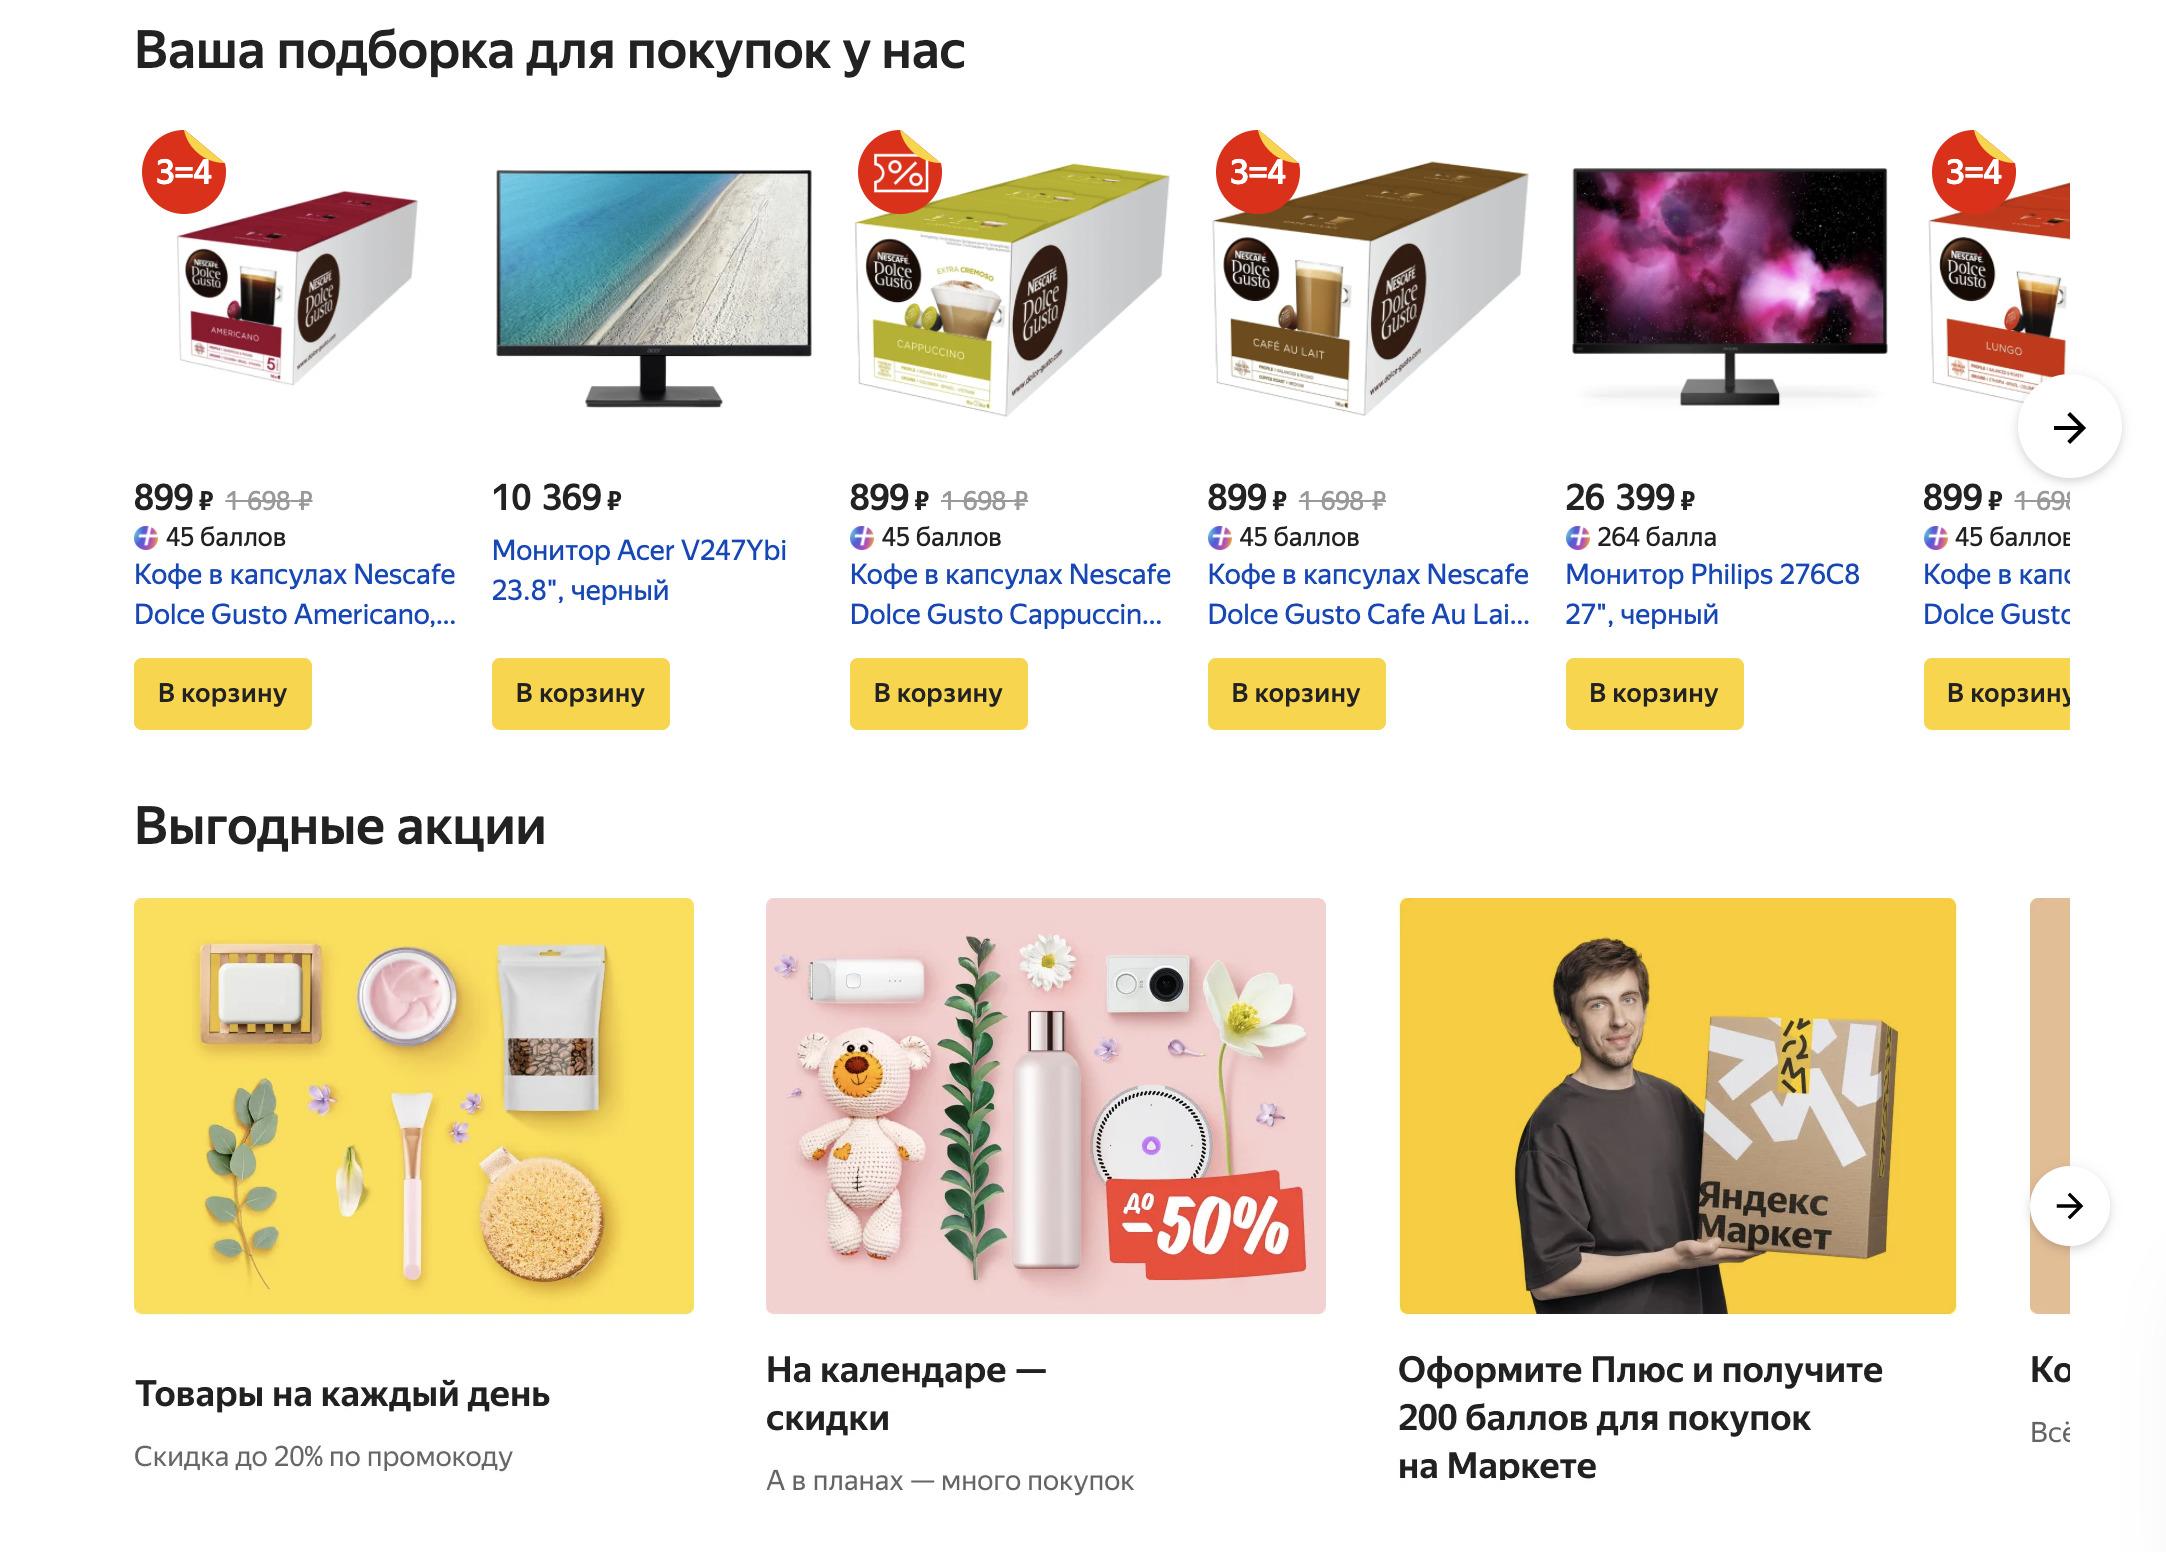 Доставка из Яндекс.Маркет в Республику Дагестан, сроки, пункты выдачи, каталог